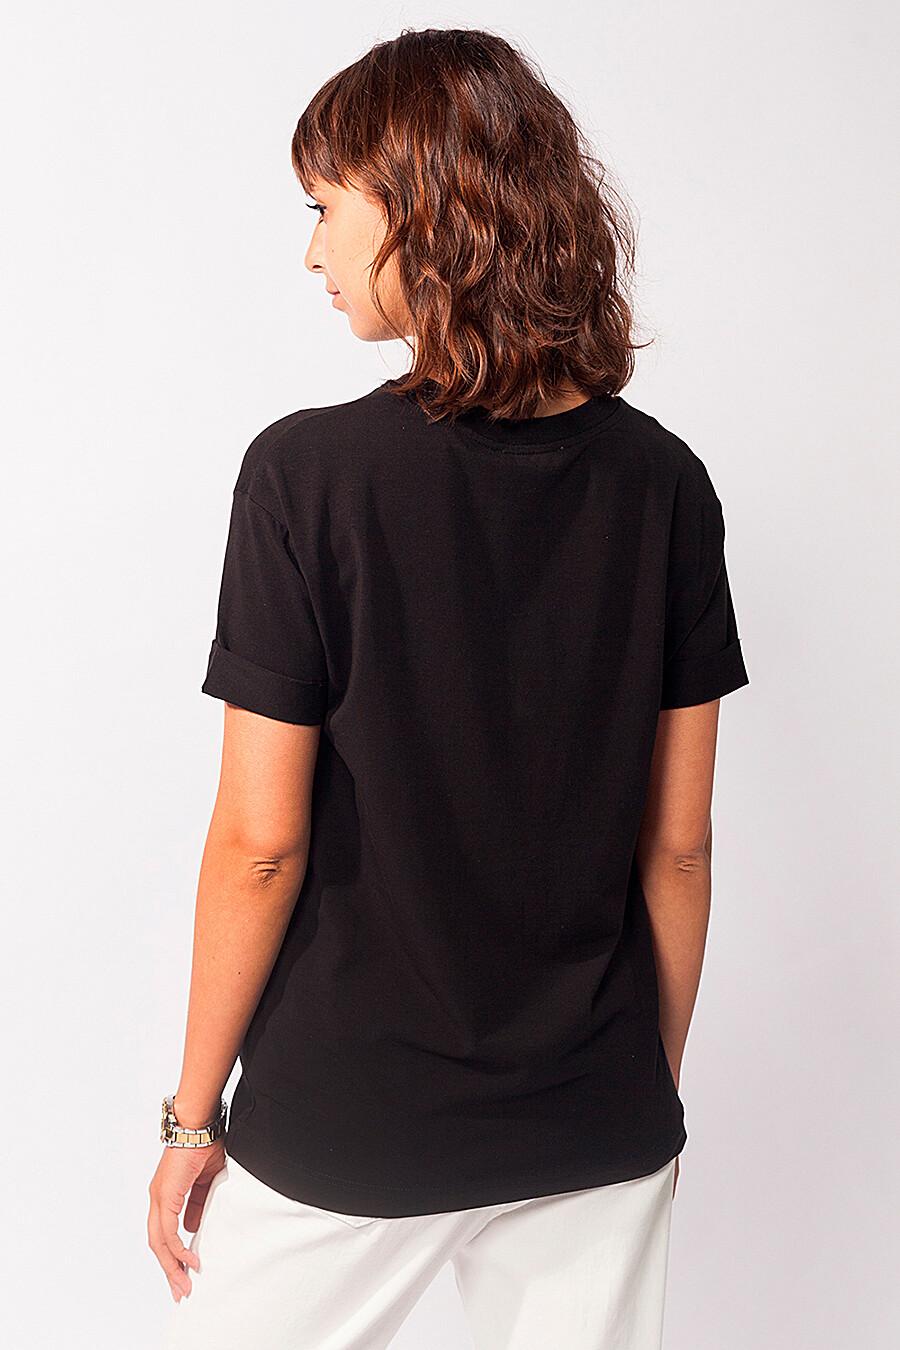 Футболка для женщин VILATTE 668626 купить оптом от производителя. Совместная покупка женской одежды в OptMoyo